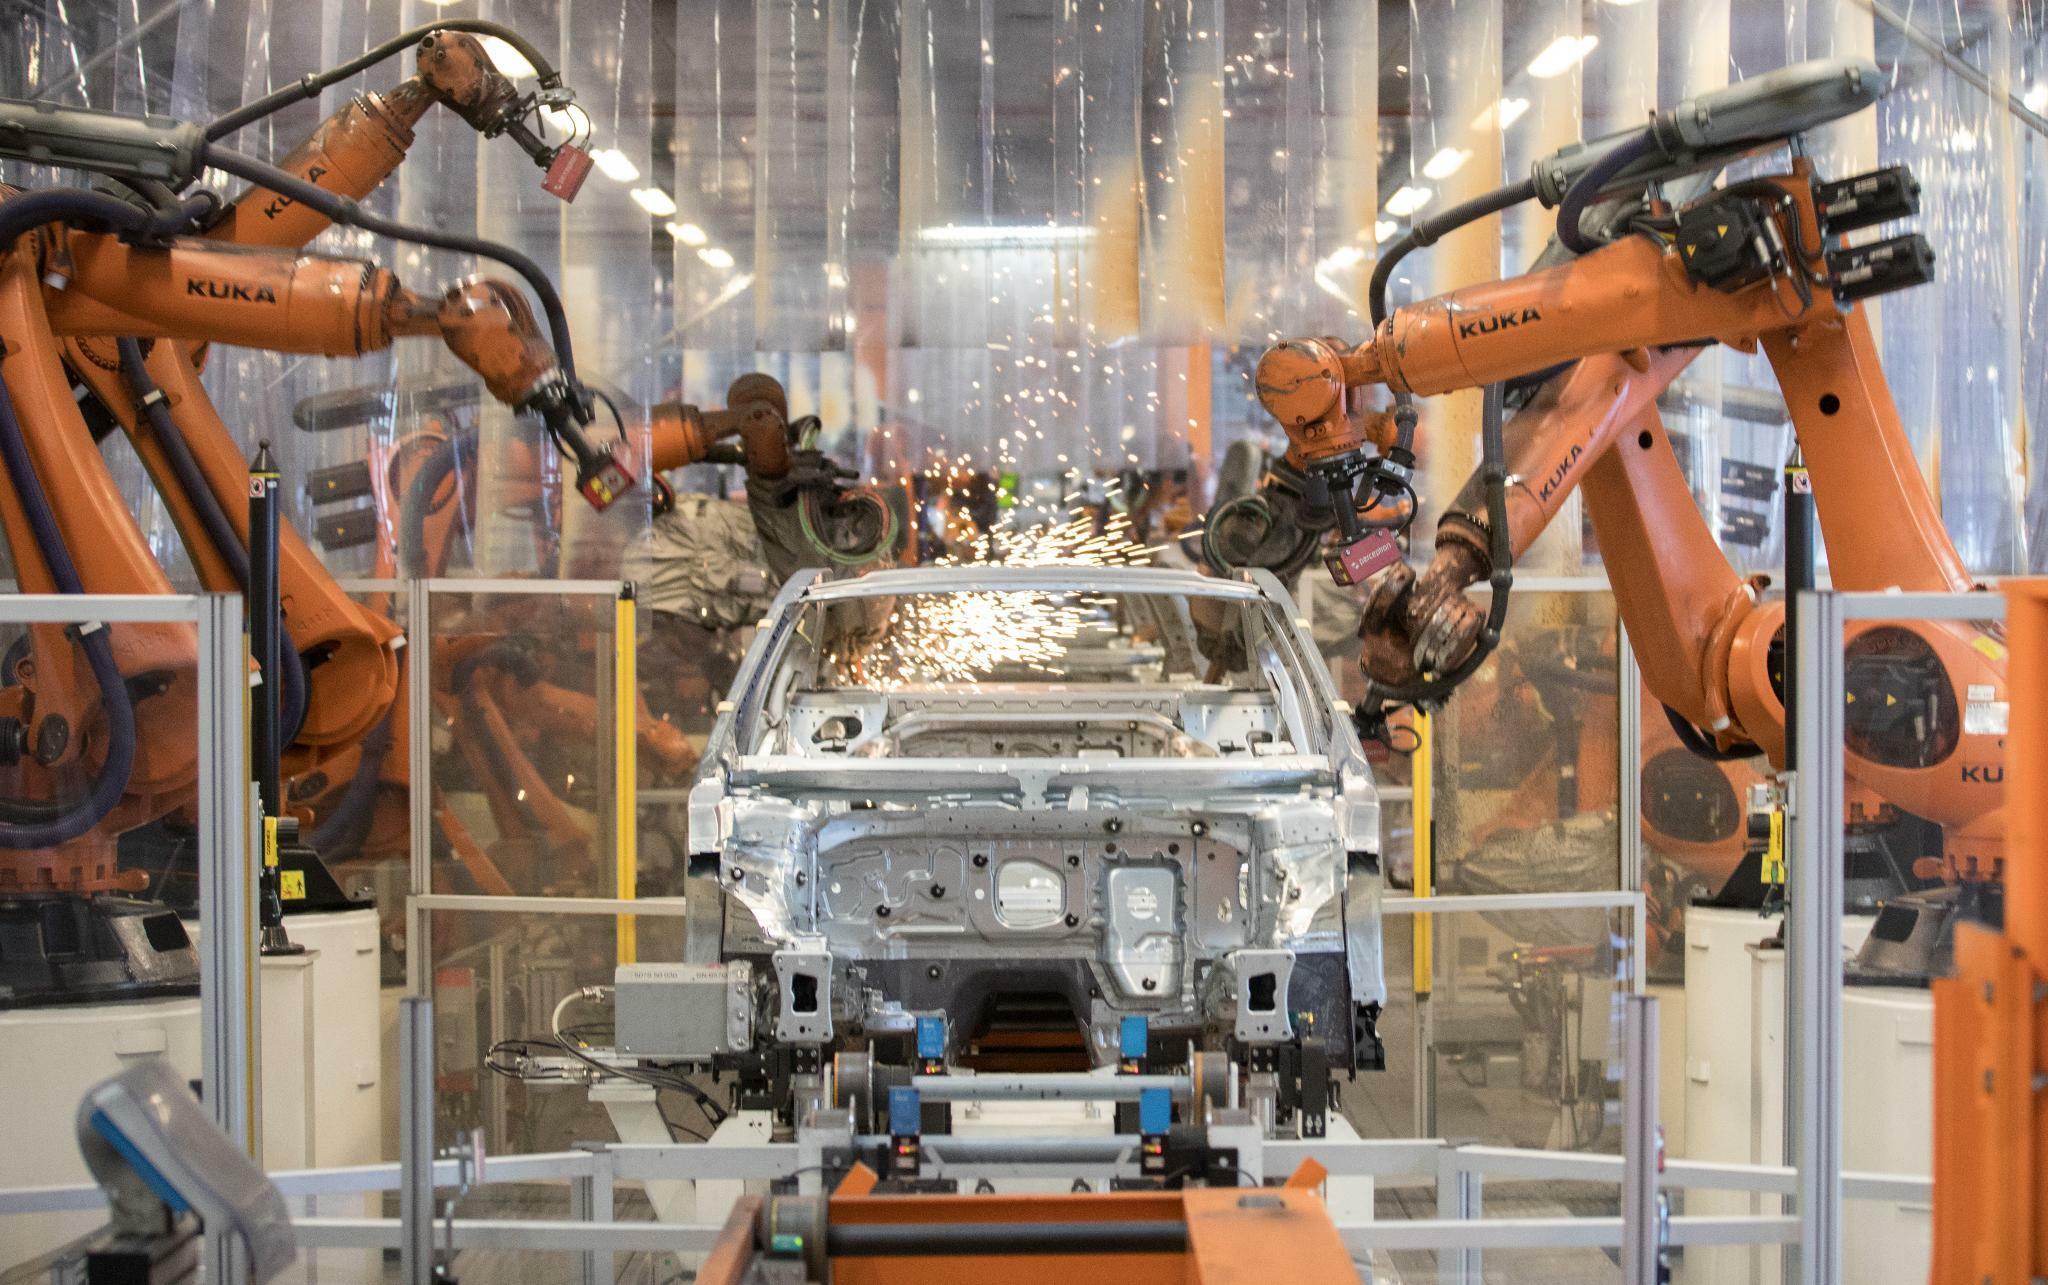 自動車部品メーカーのイメージ写真です。